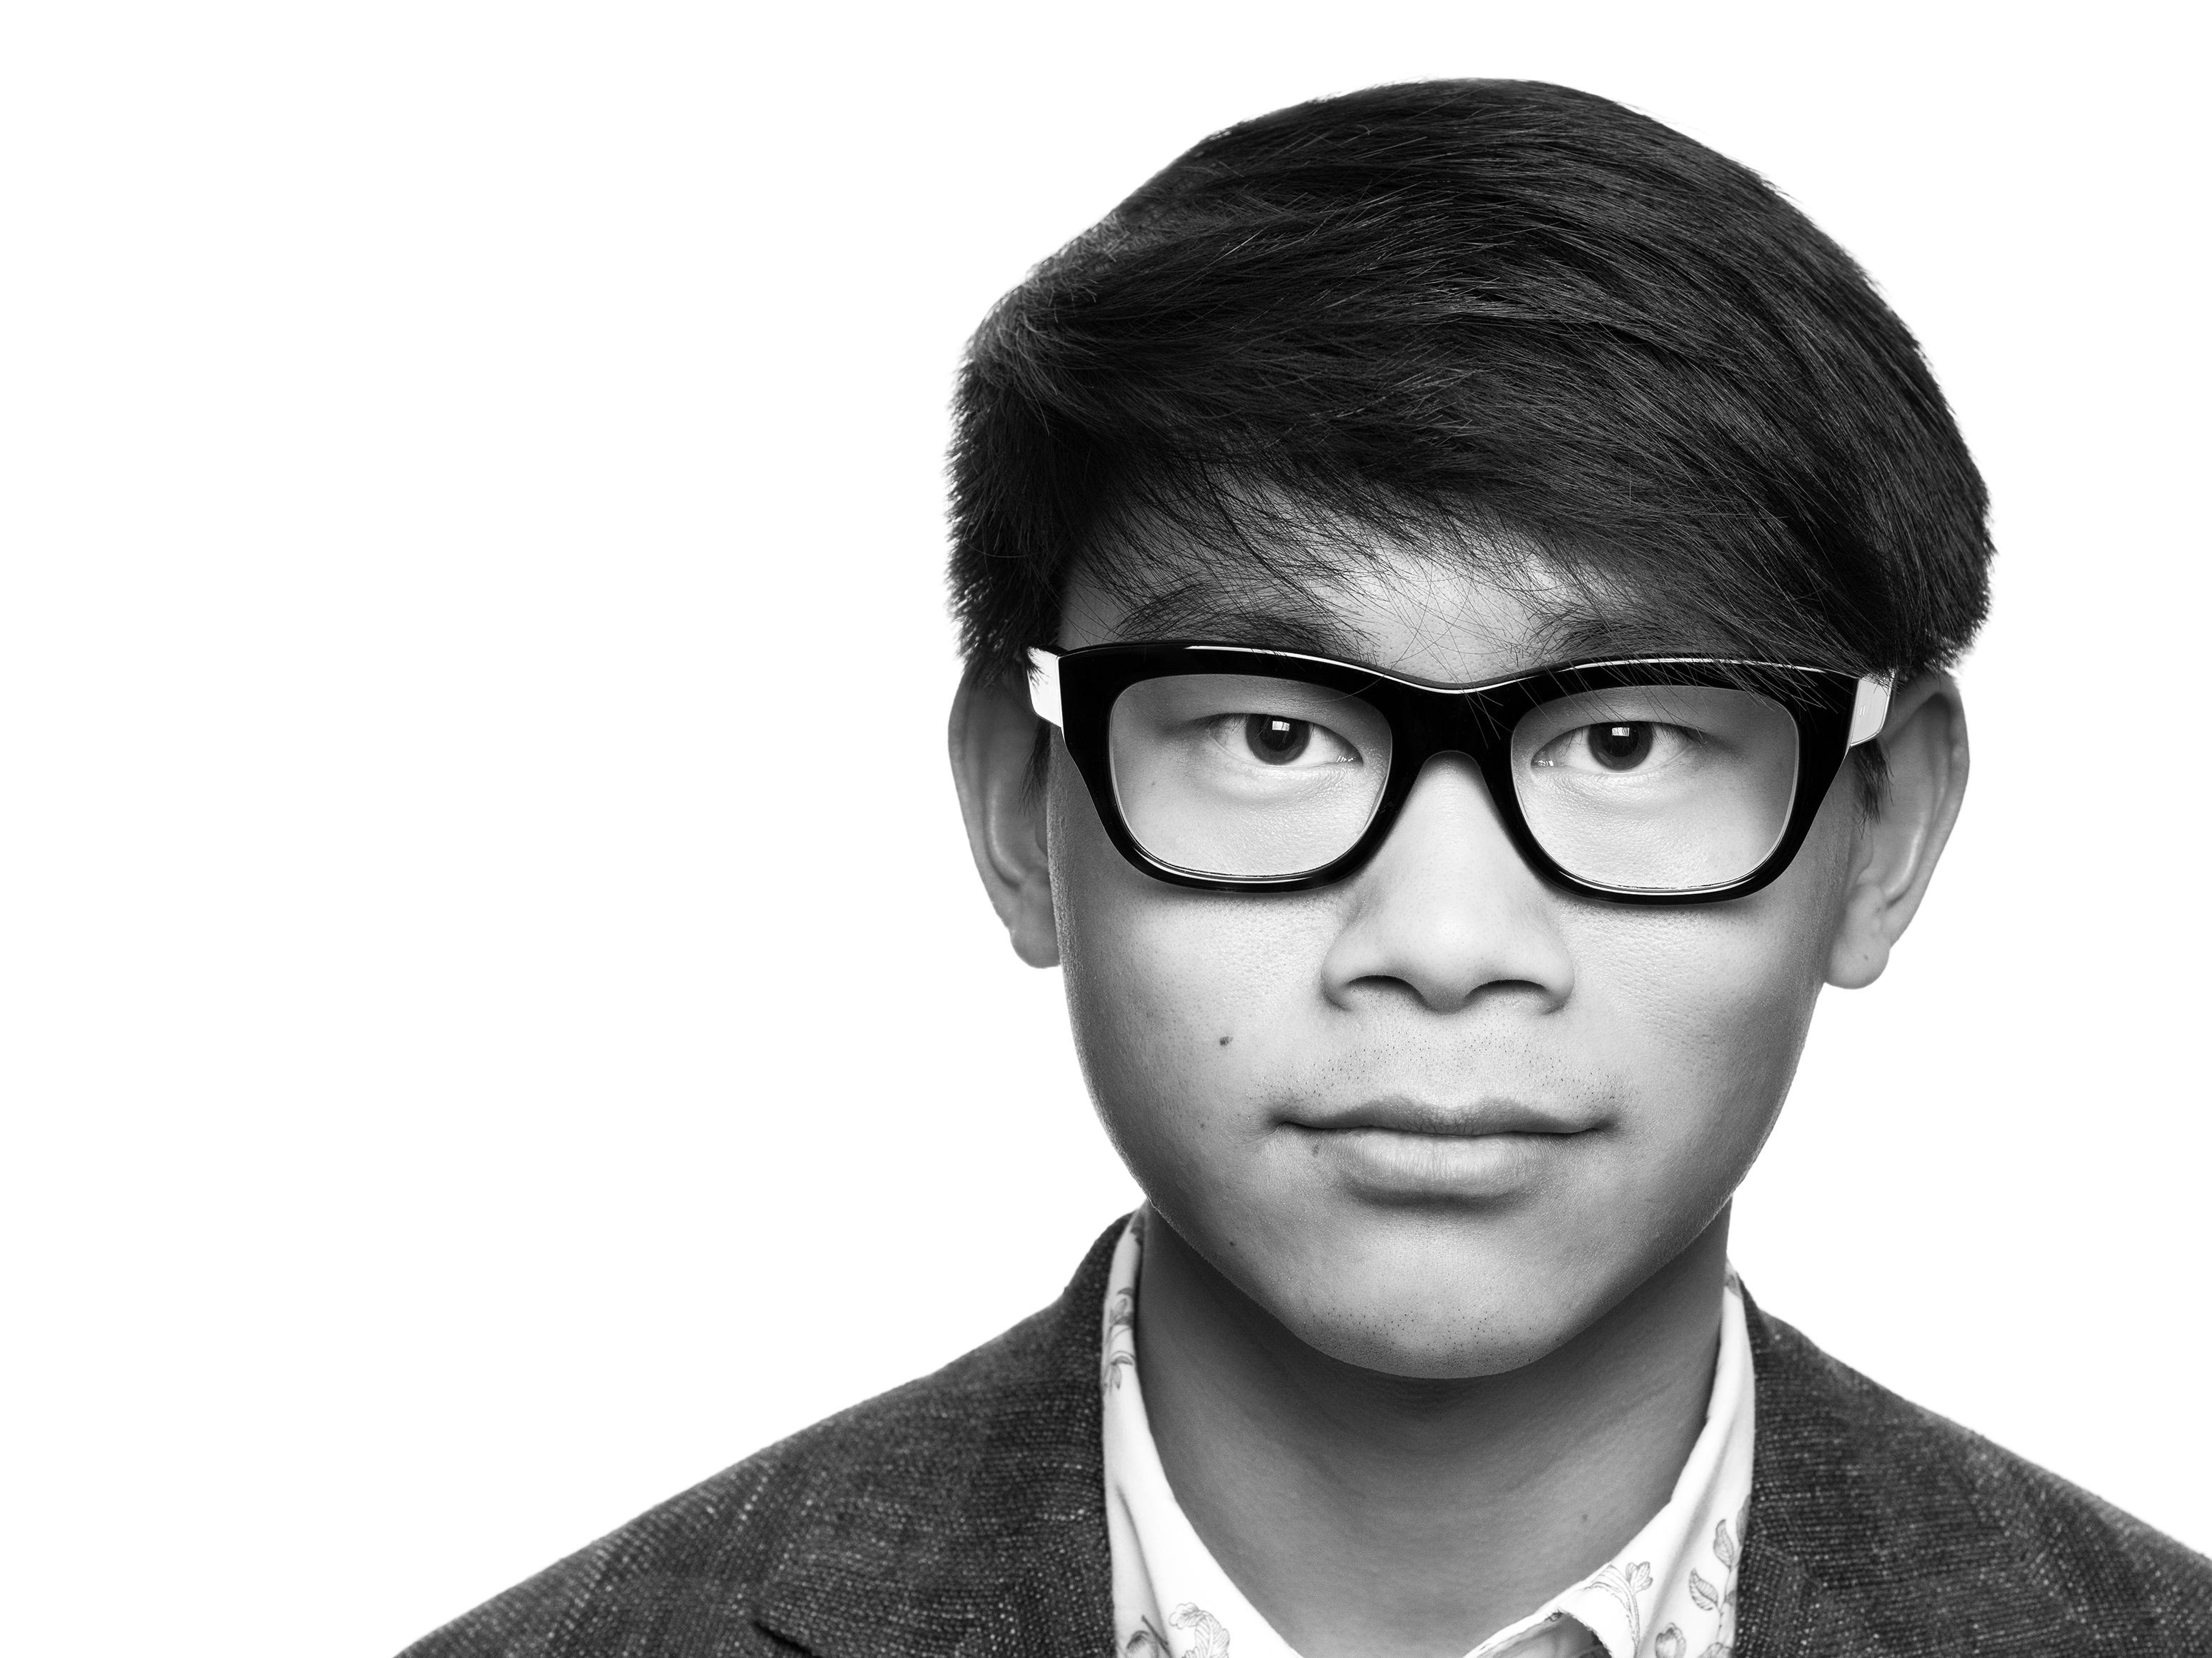 Viet Cuong hi res web